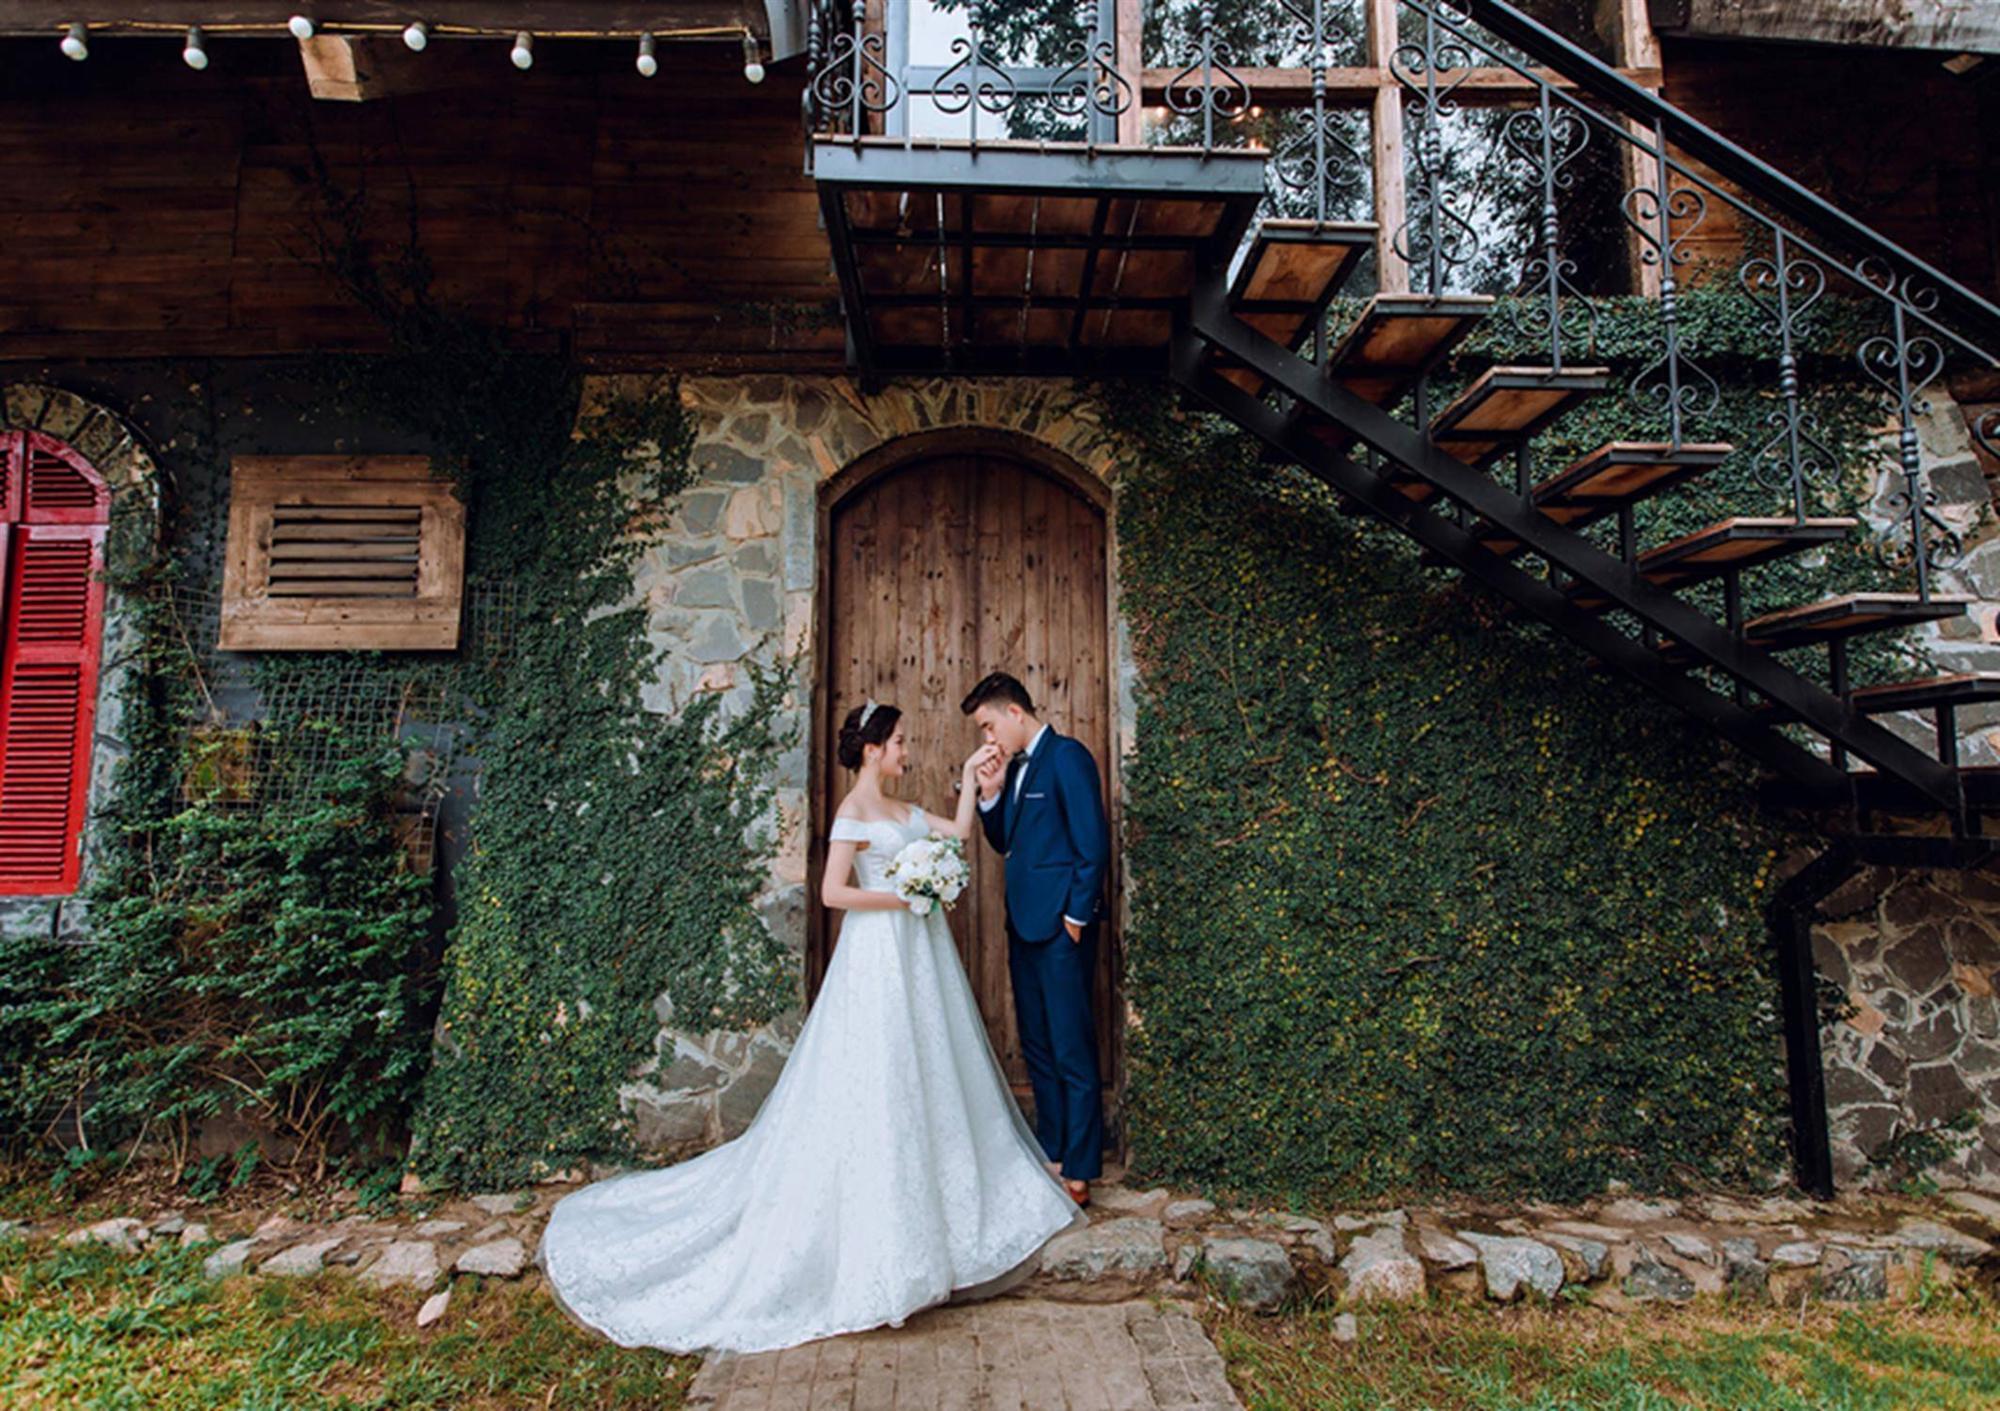 Ảnh cưới của vua kiếm chém và người vợ xinh đẹp-1